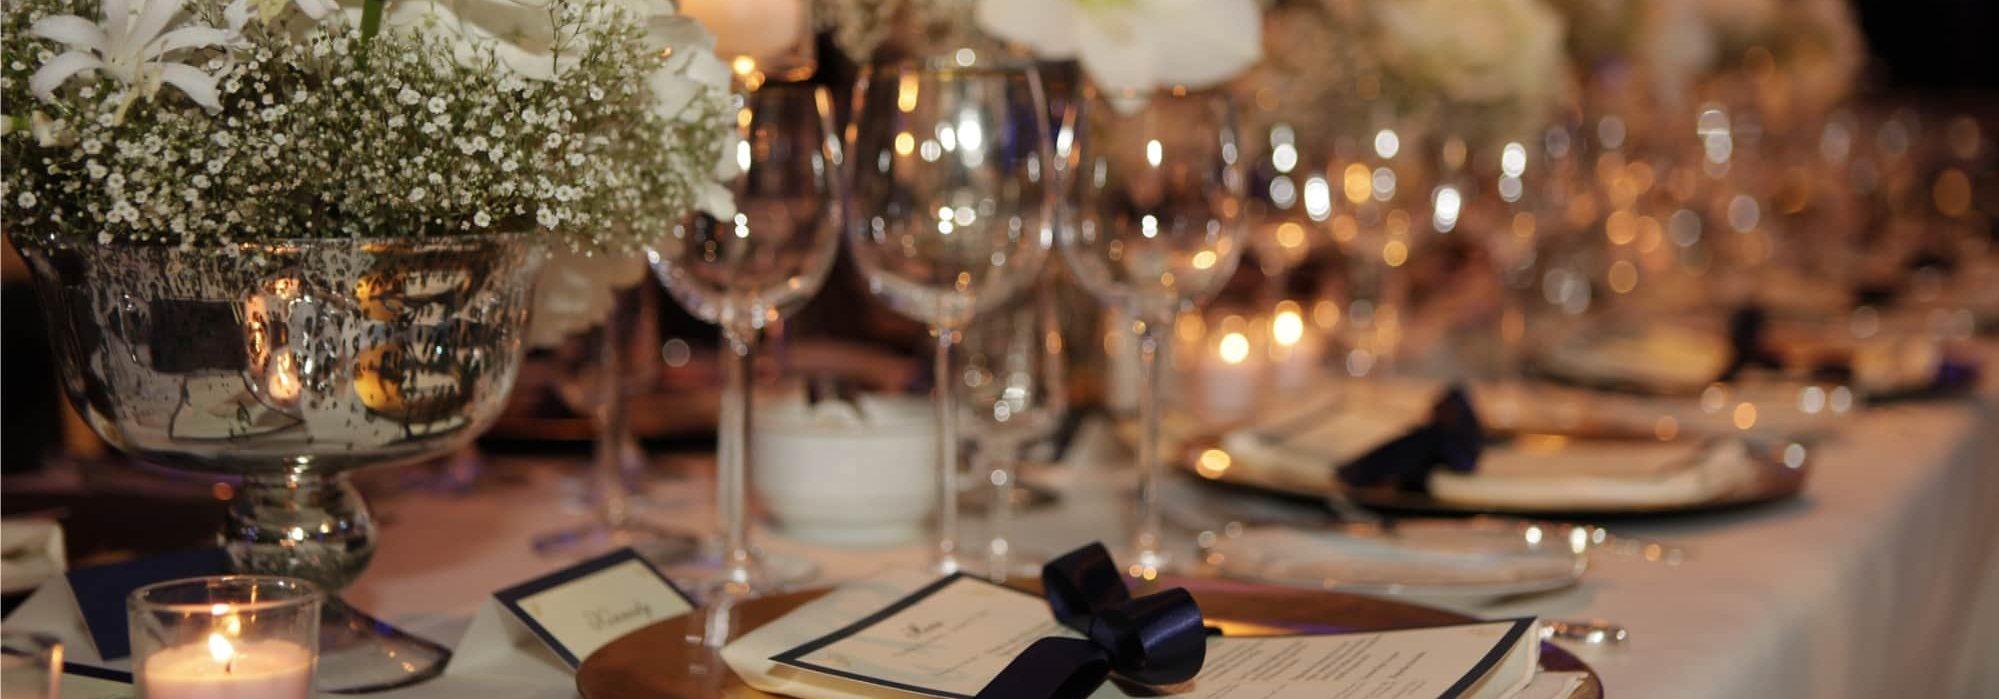 Wedding Reception Hall Rental